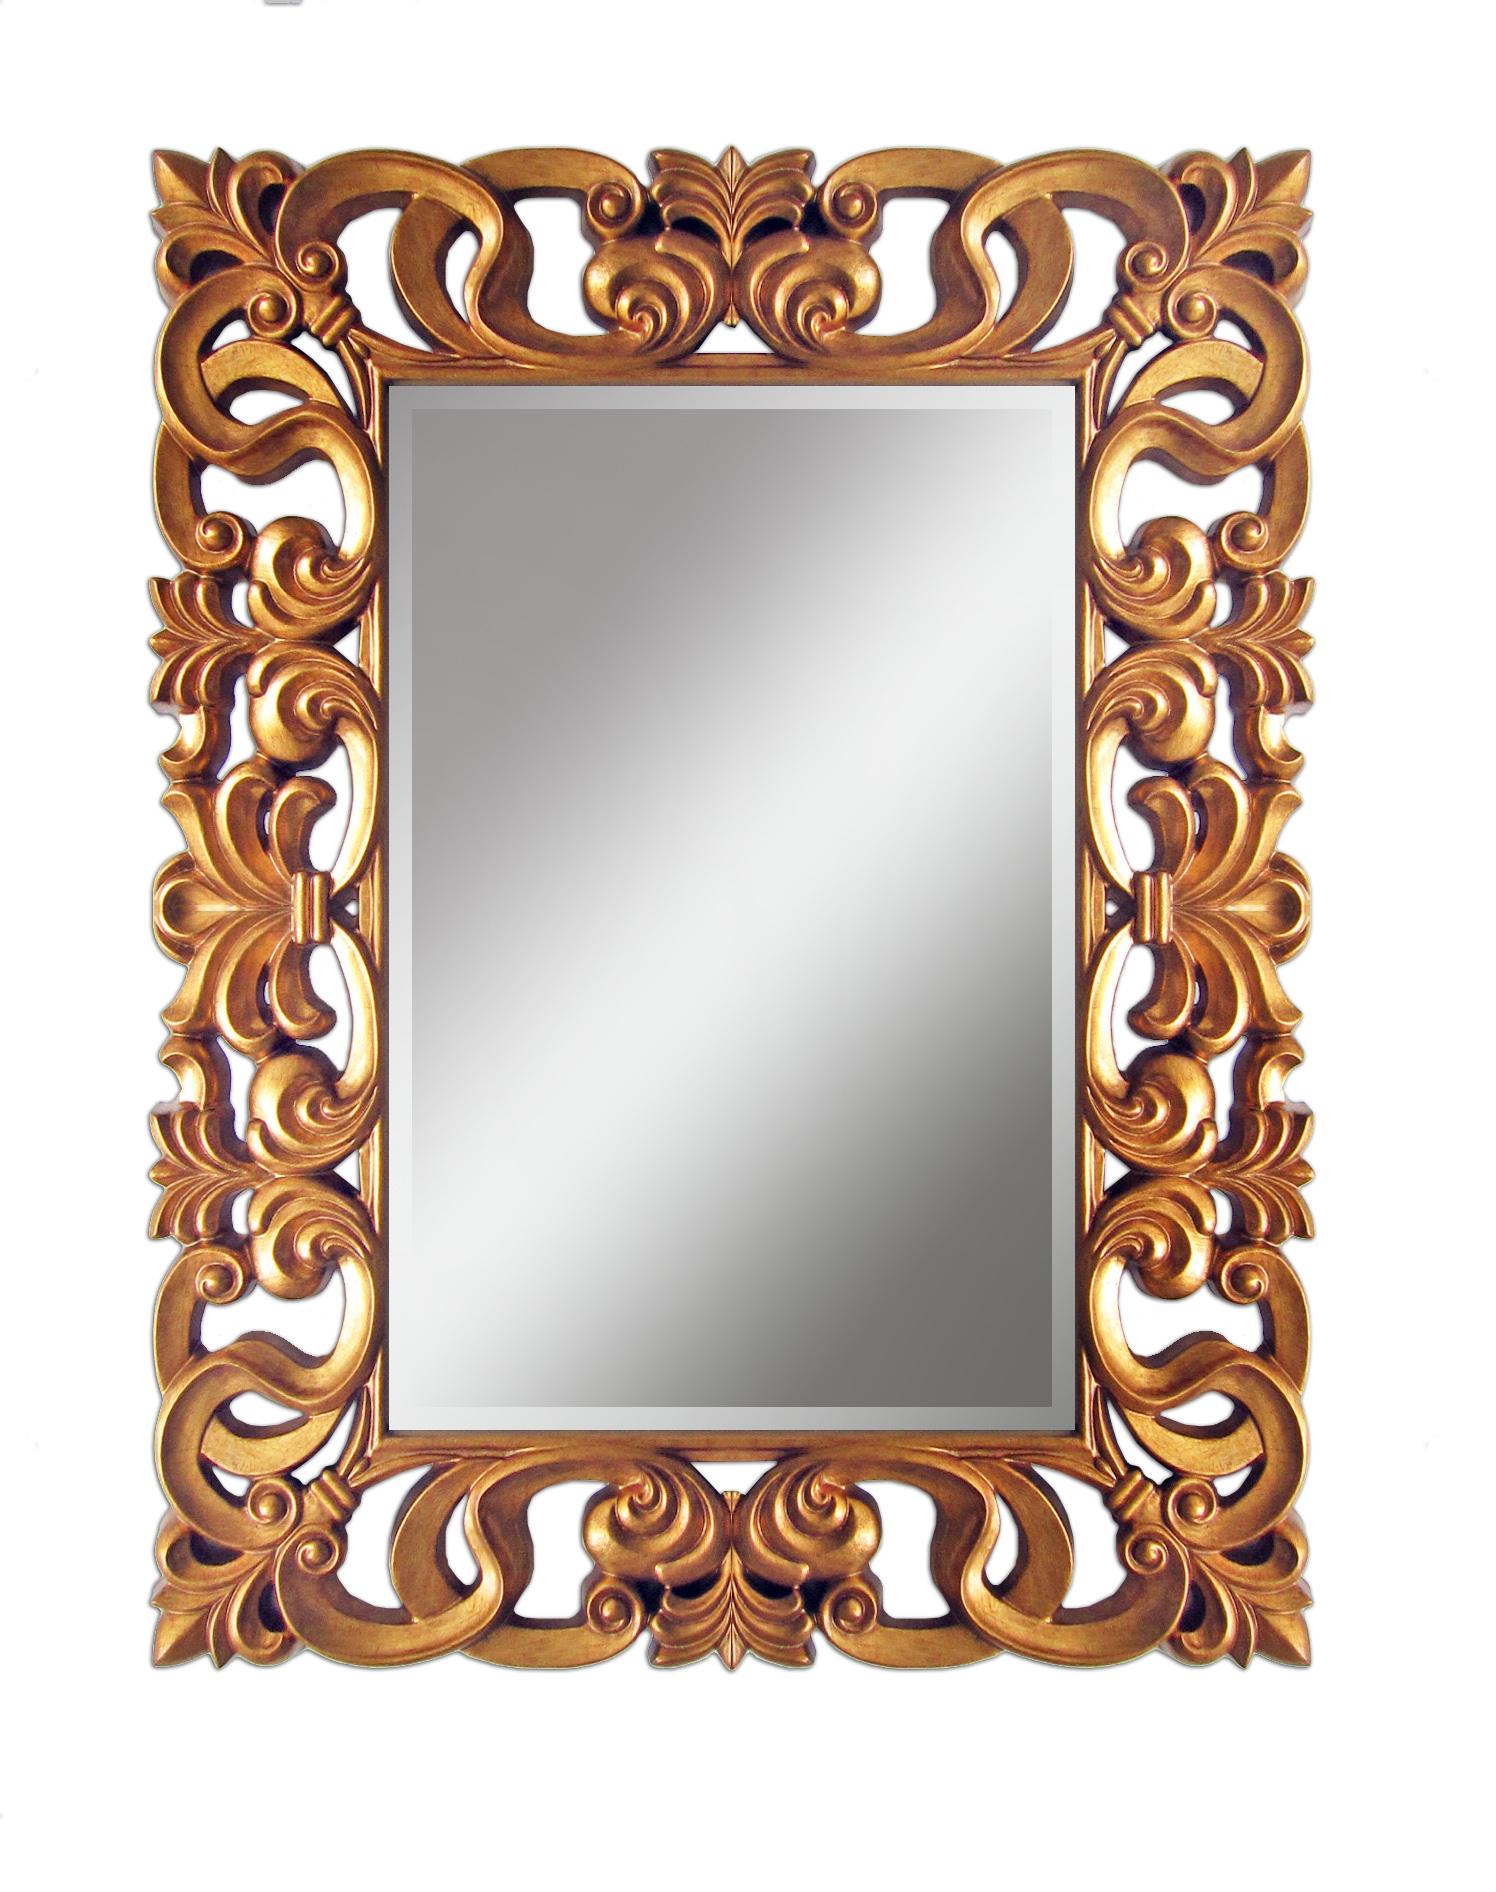 Резной багет для зеркала своими руками